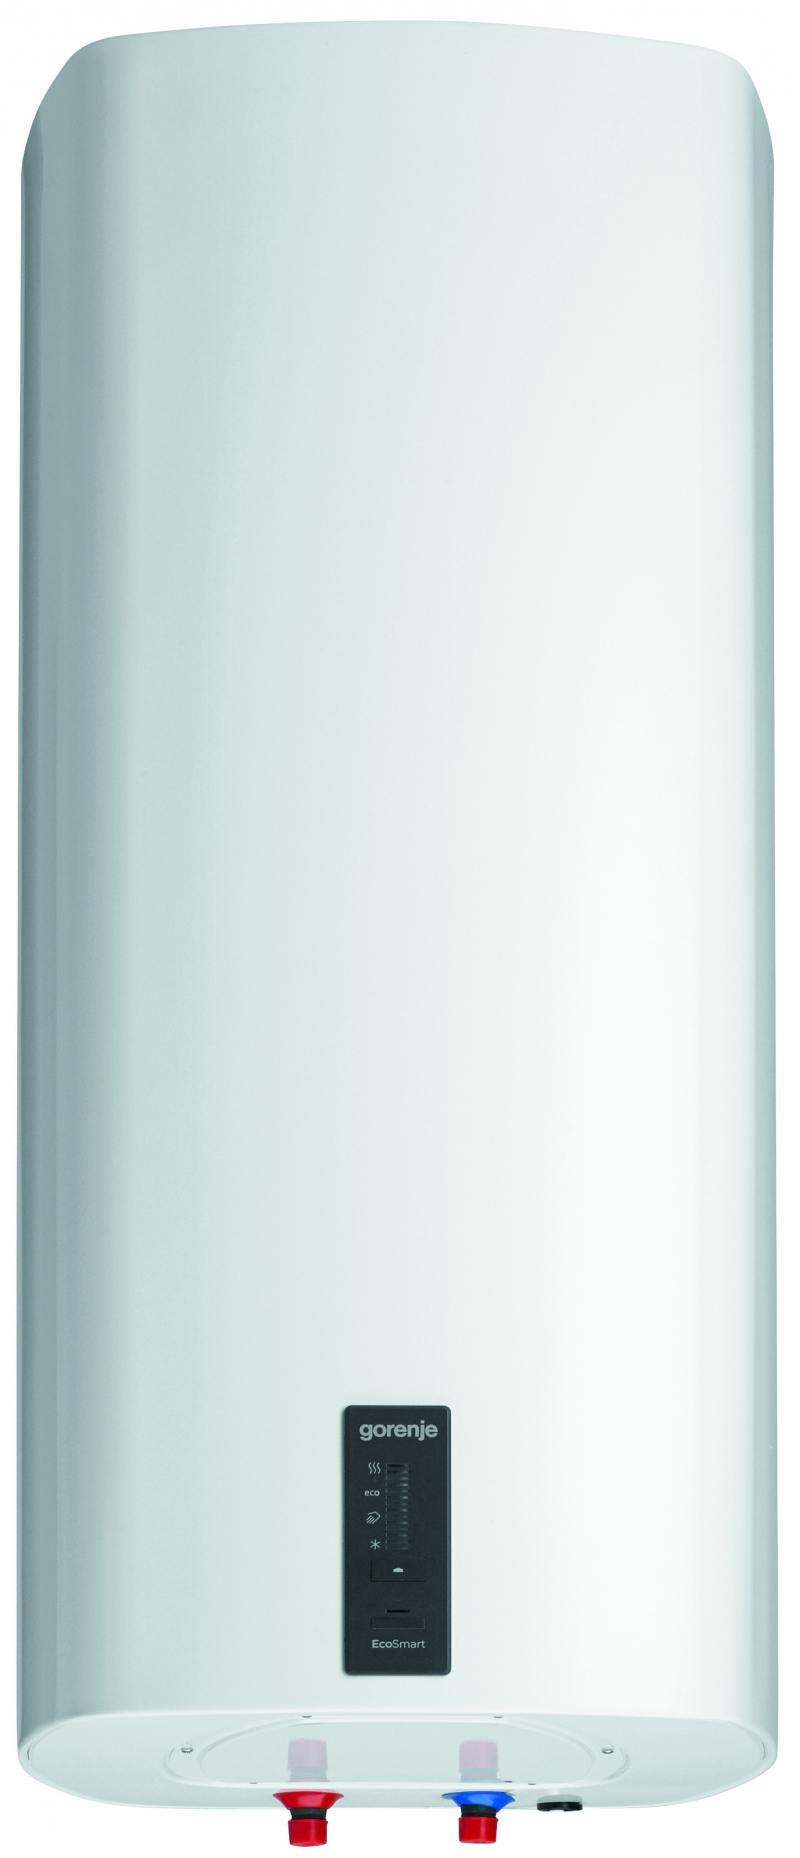 Водонагреватель накопительный Gorenje OTGS80SMB6 80л 2кВт белый цена и фото